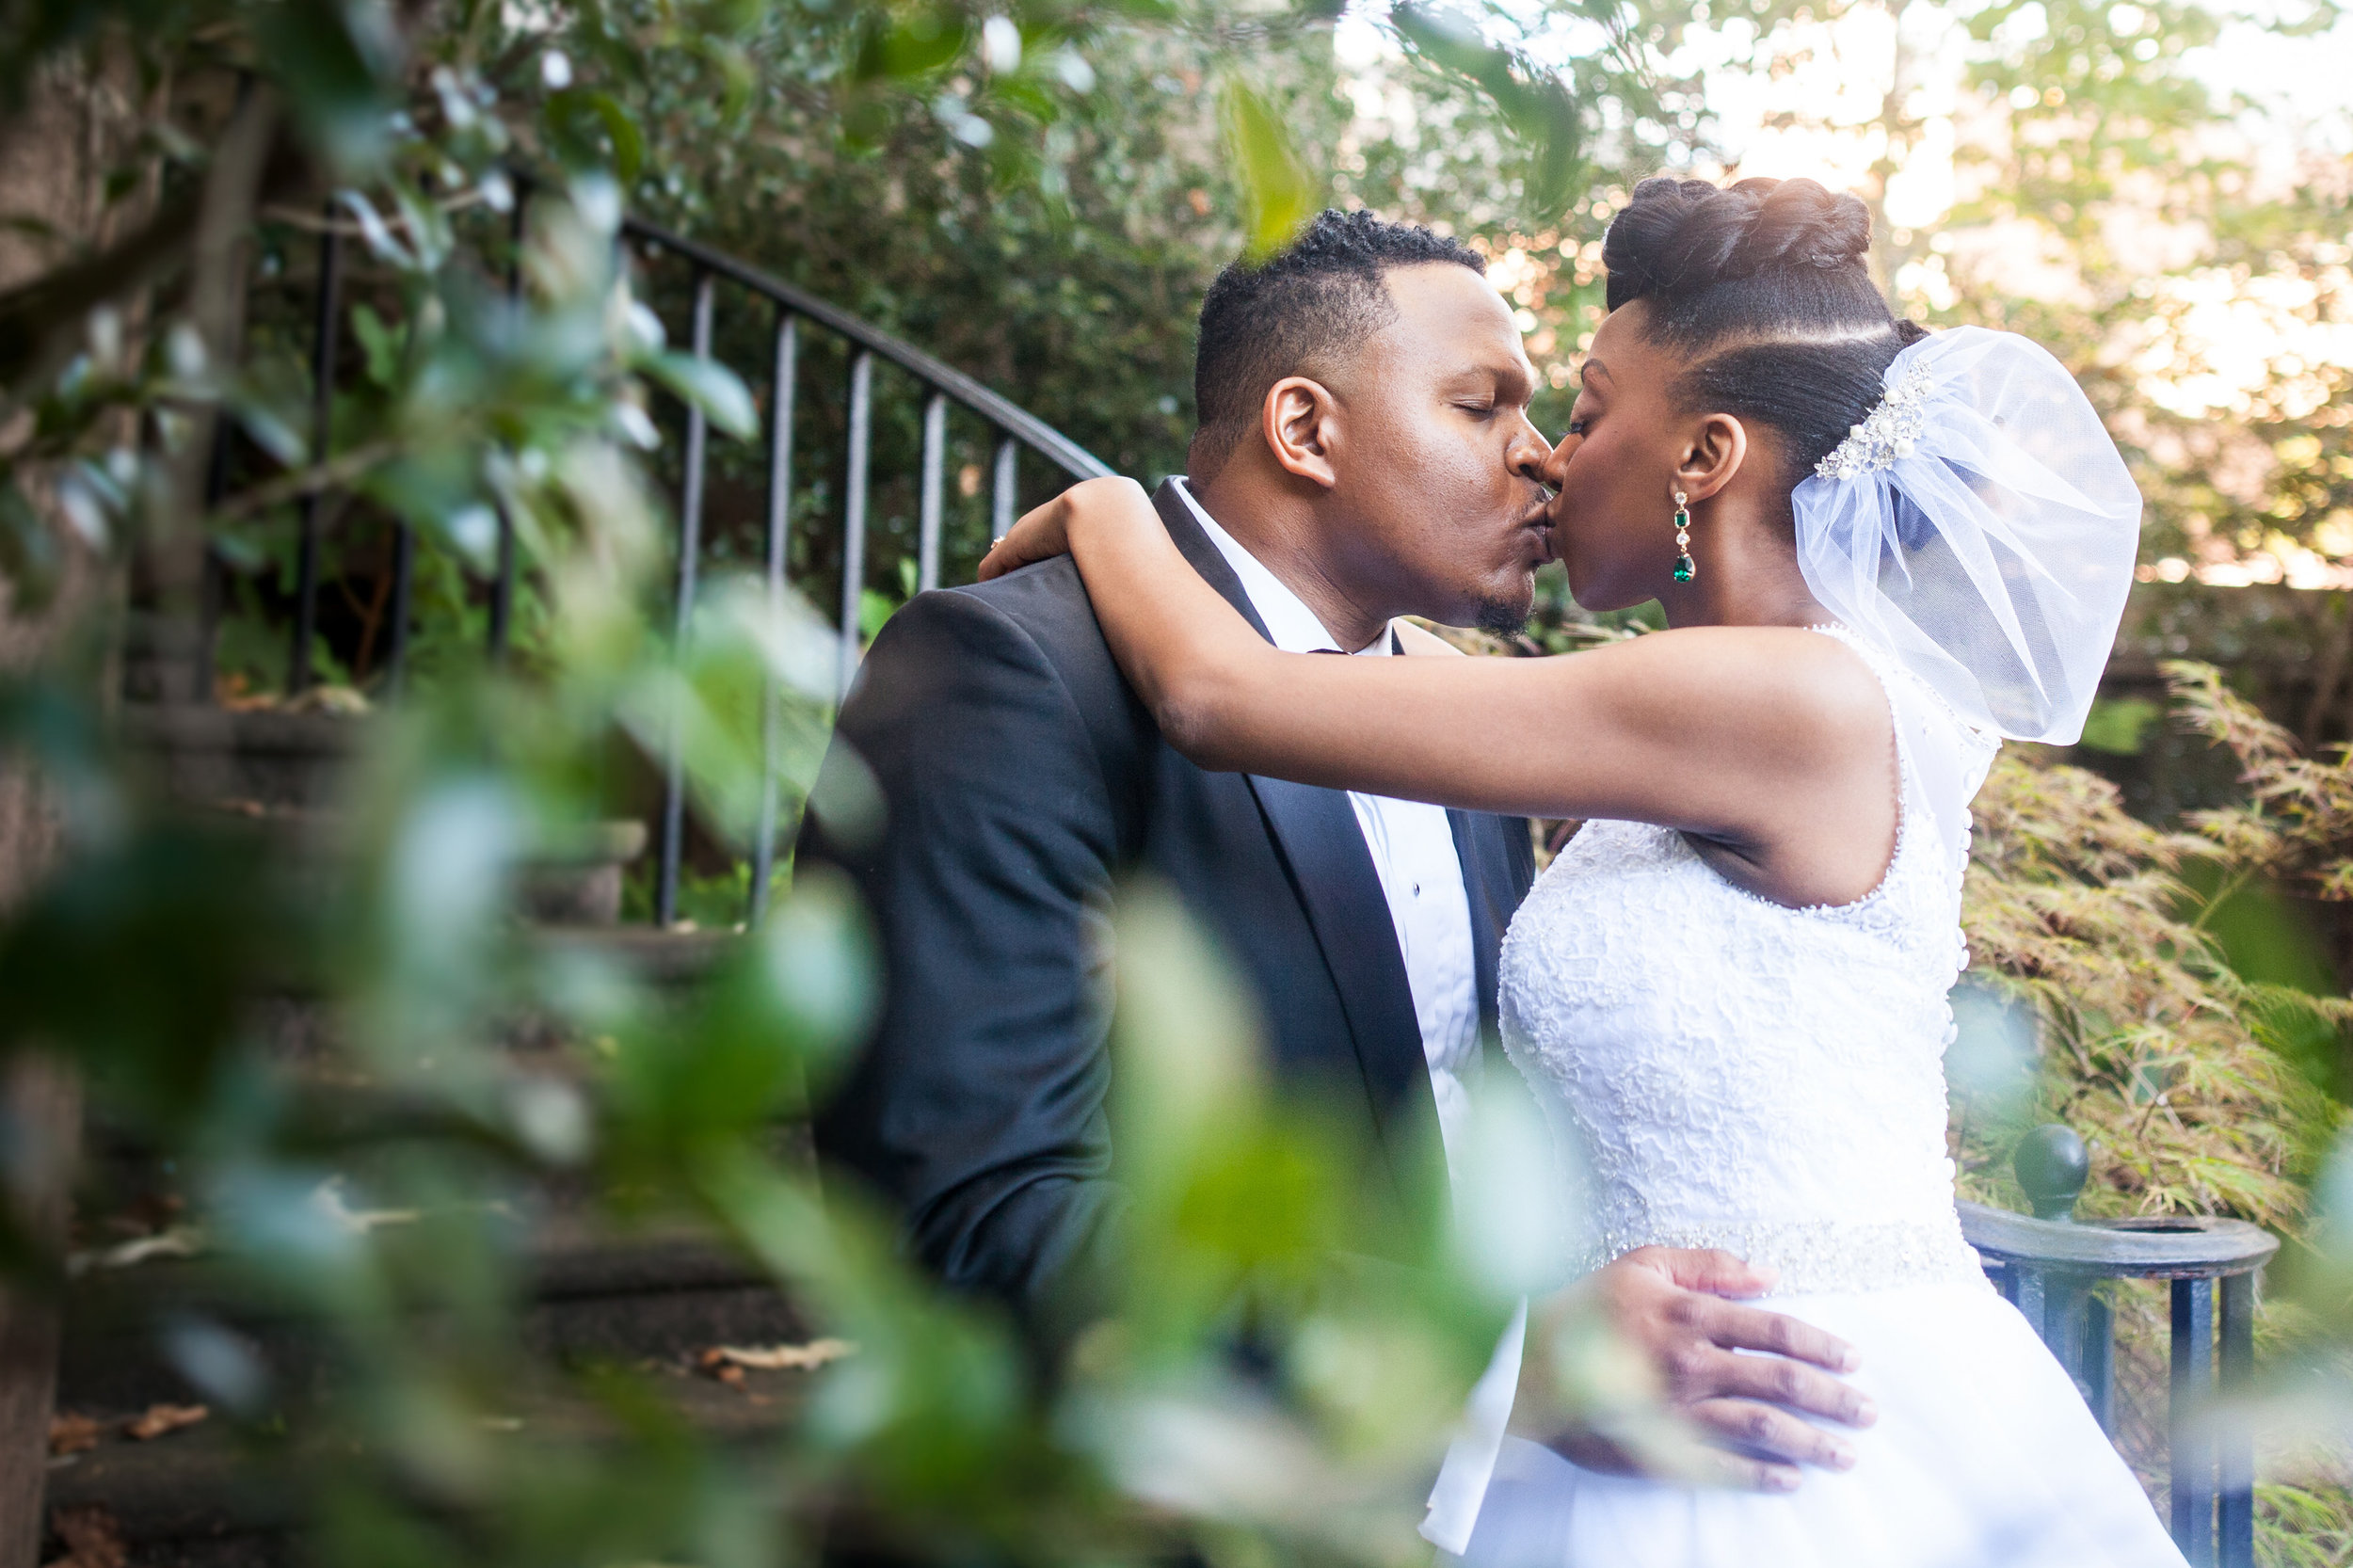 chenai_wedding_wire-56-2017_wedding_wire.jpg